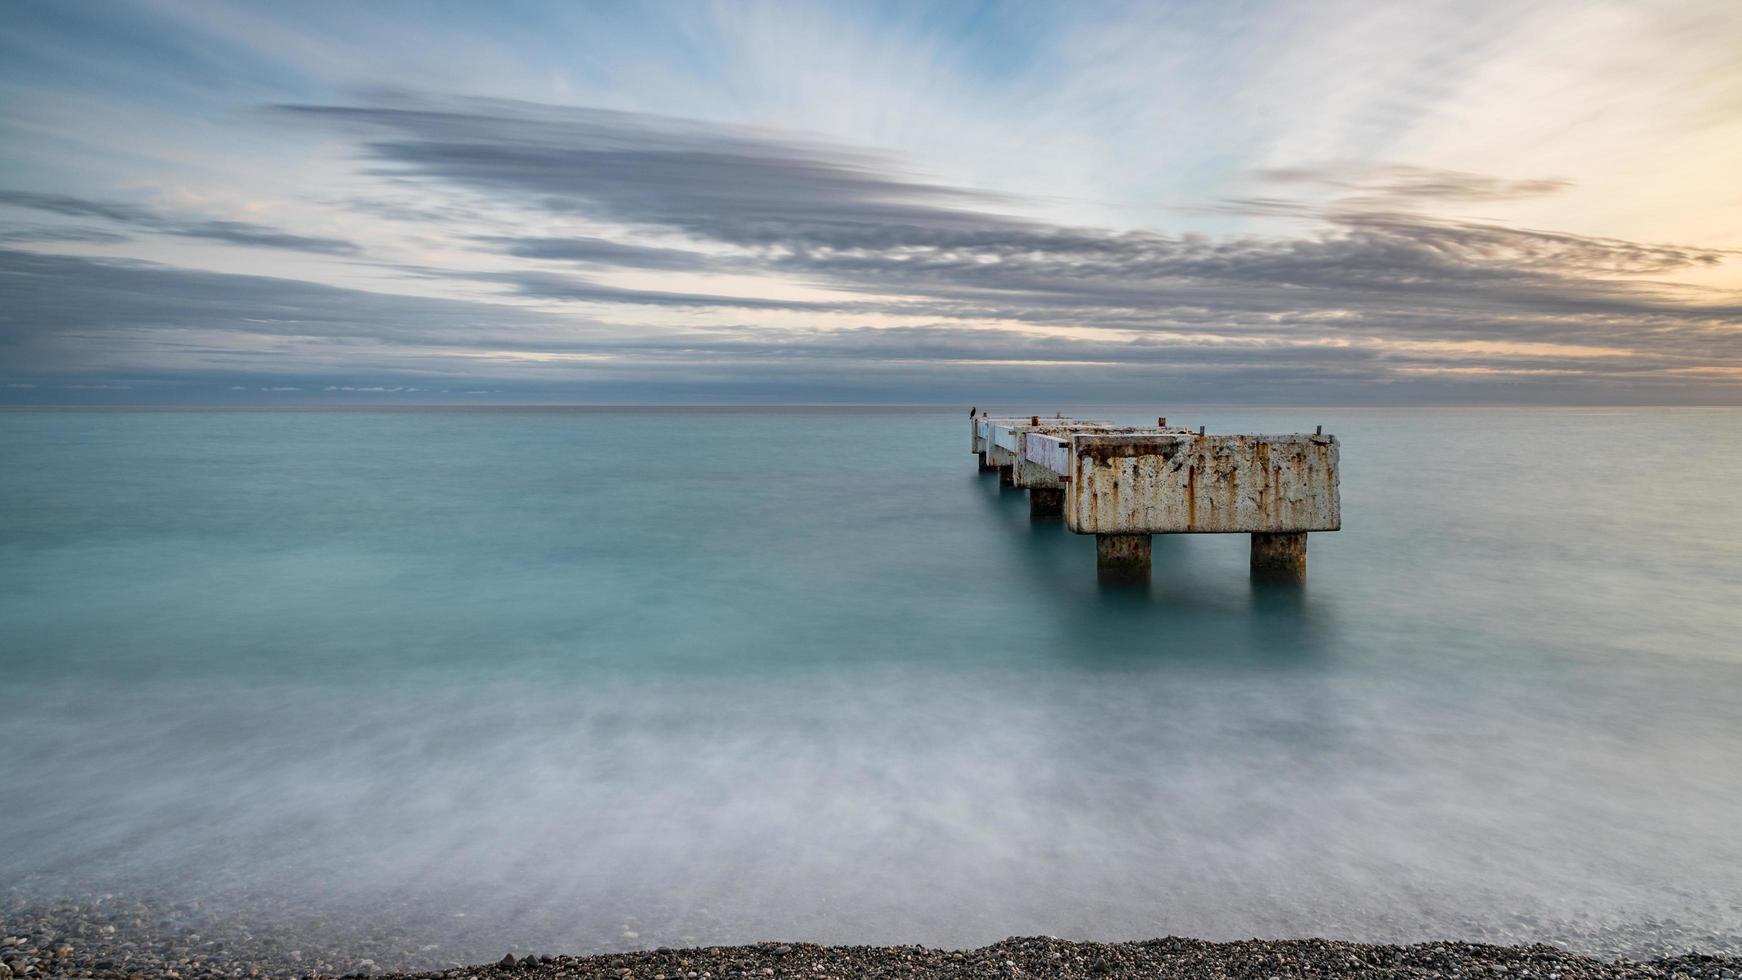 lange blootstelling uitzicht op de baai van de engelen kust in Frankrijk foto